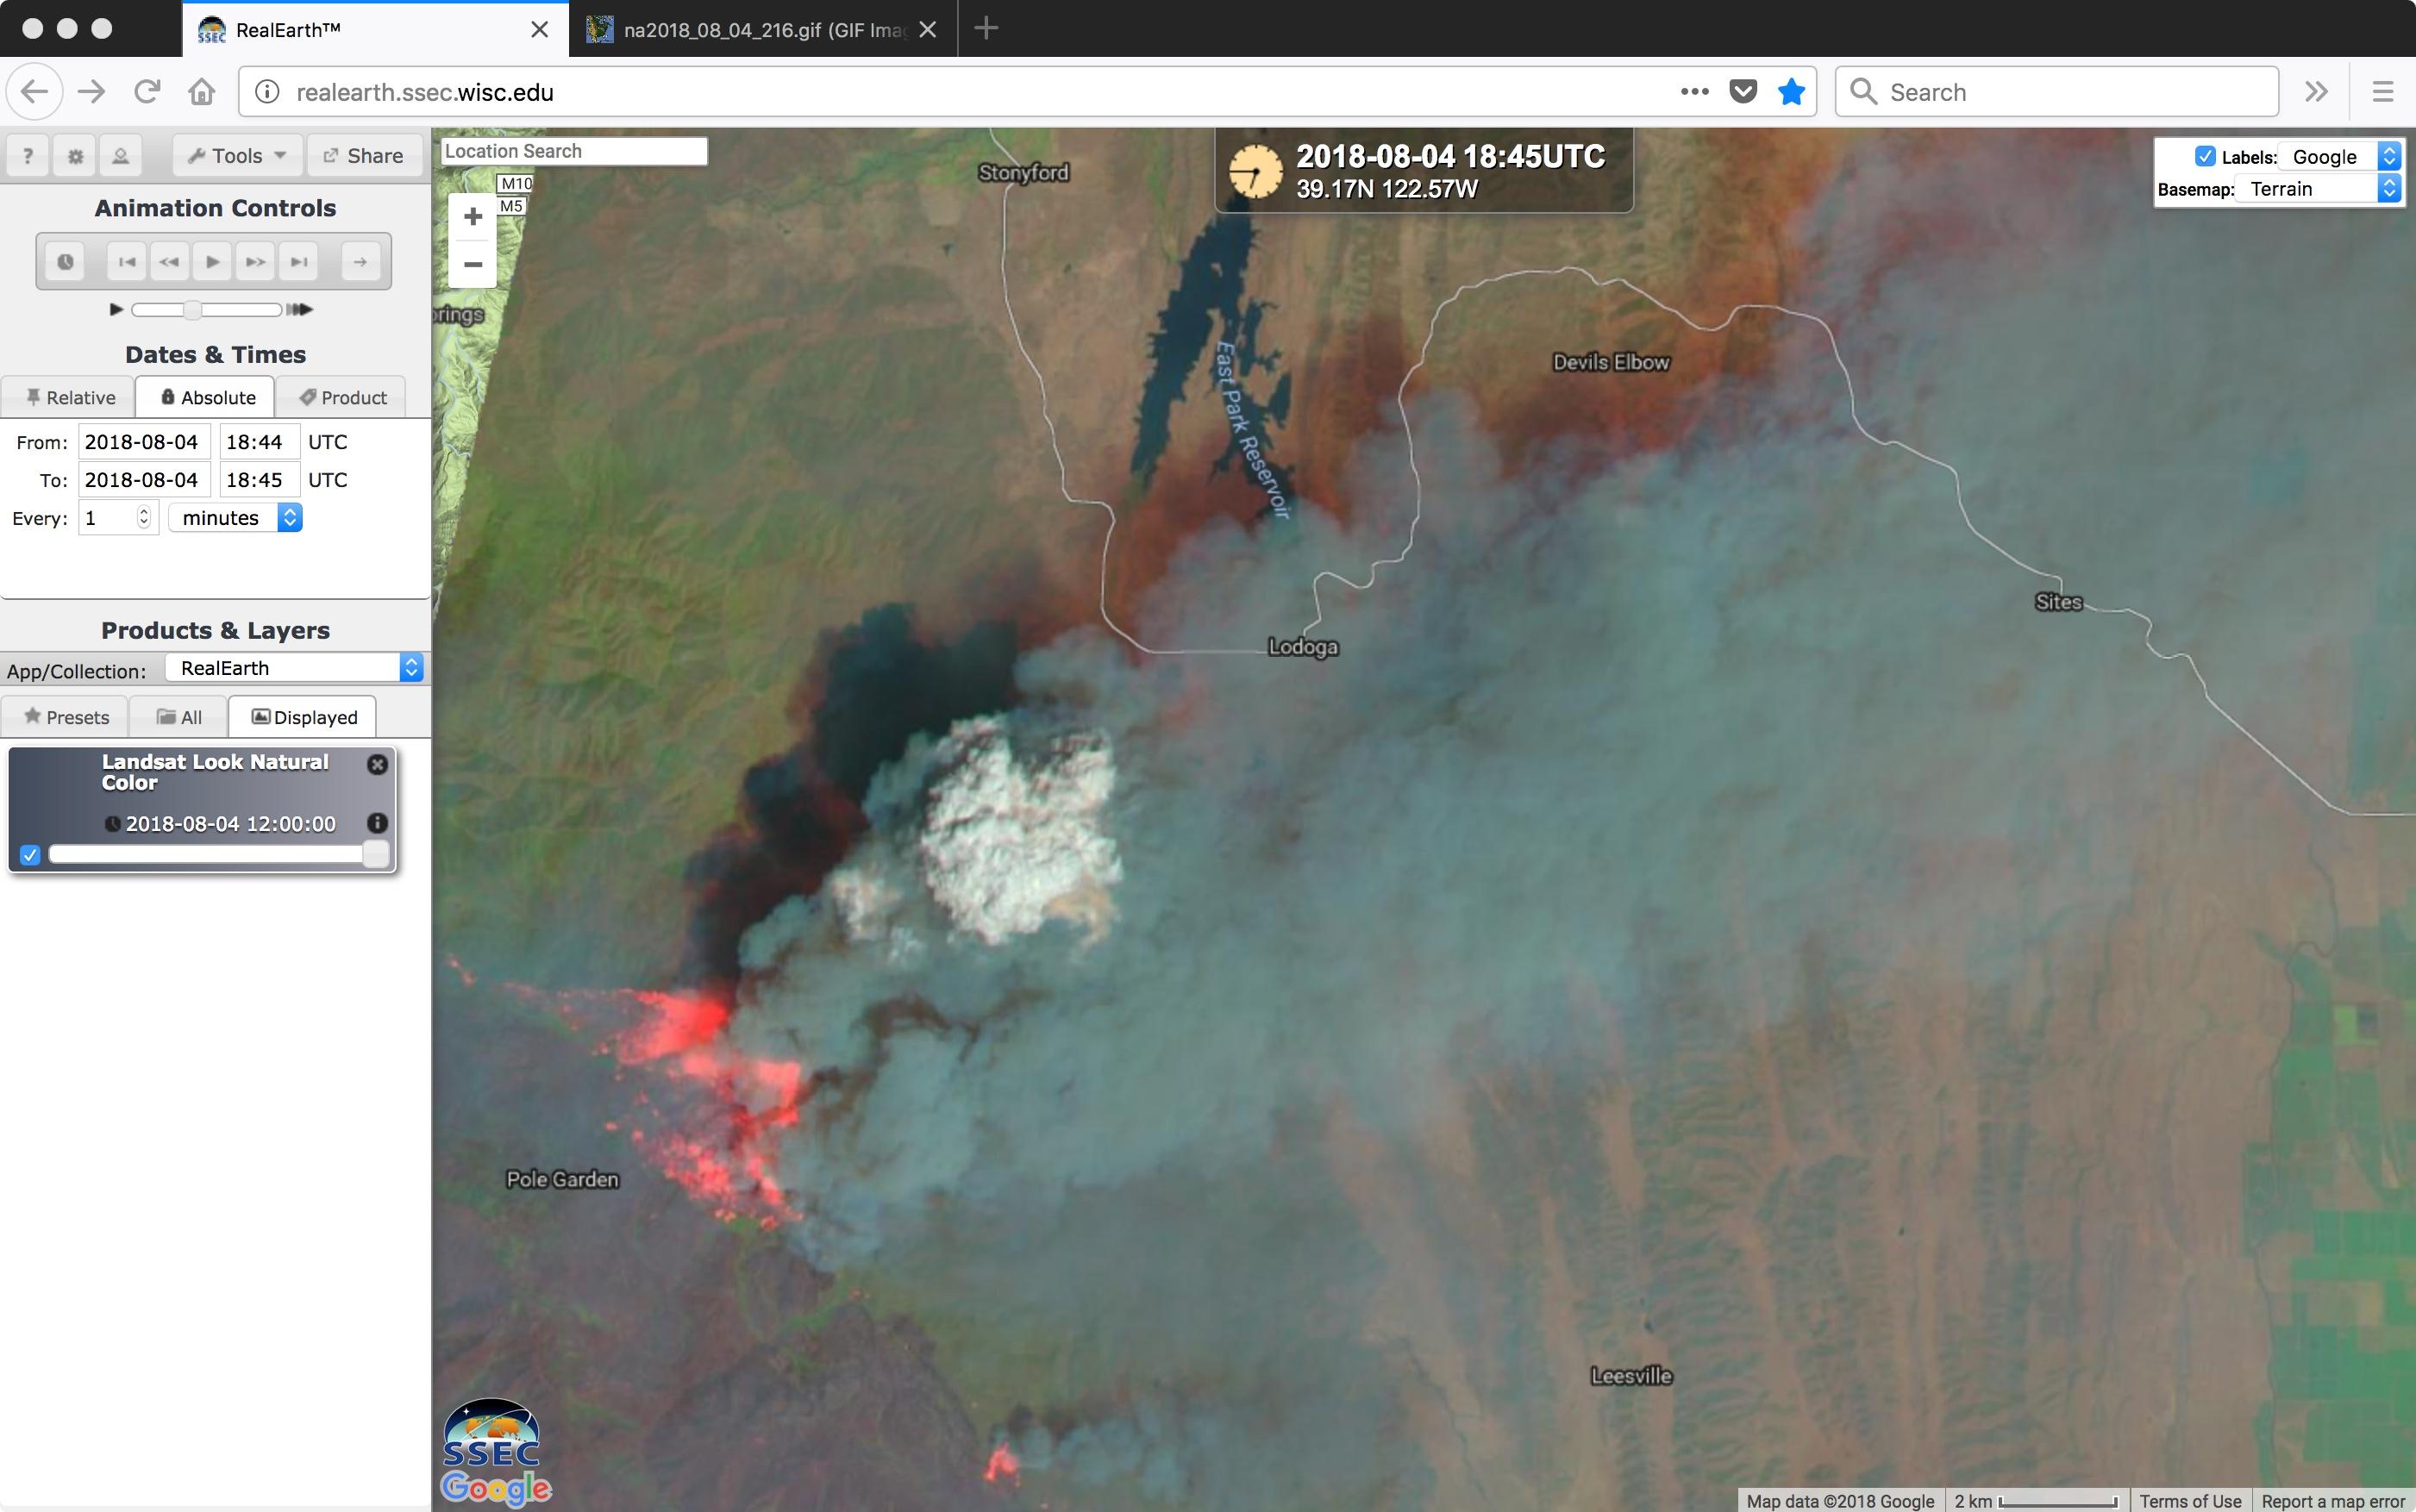 Landsat-8 False Color image [click to enlarge]